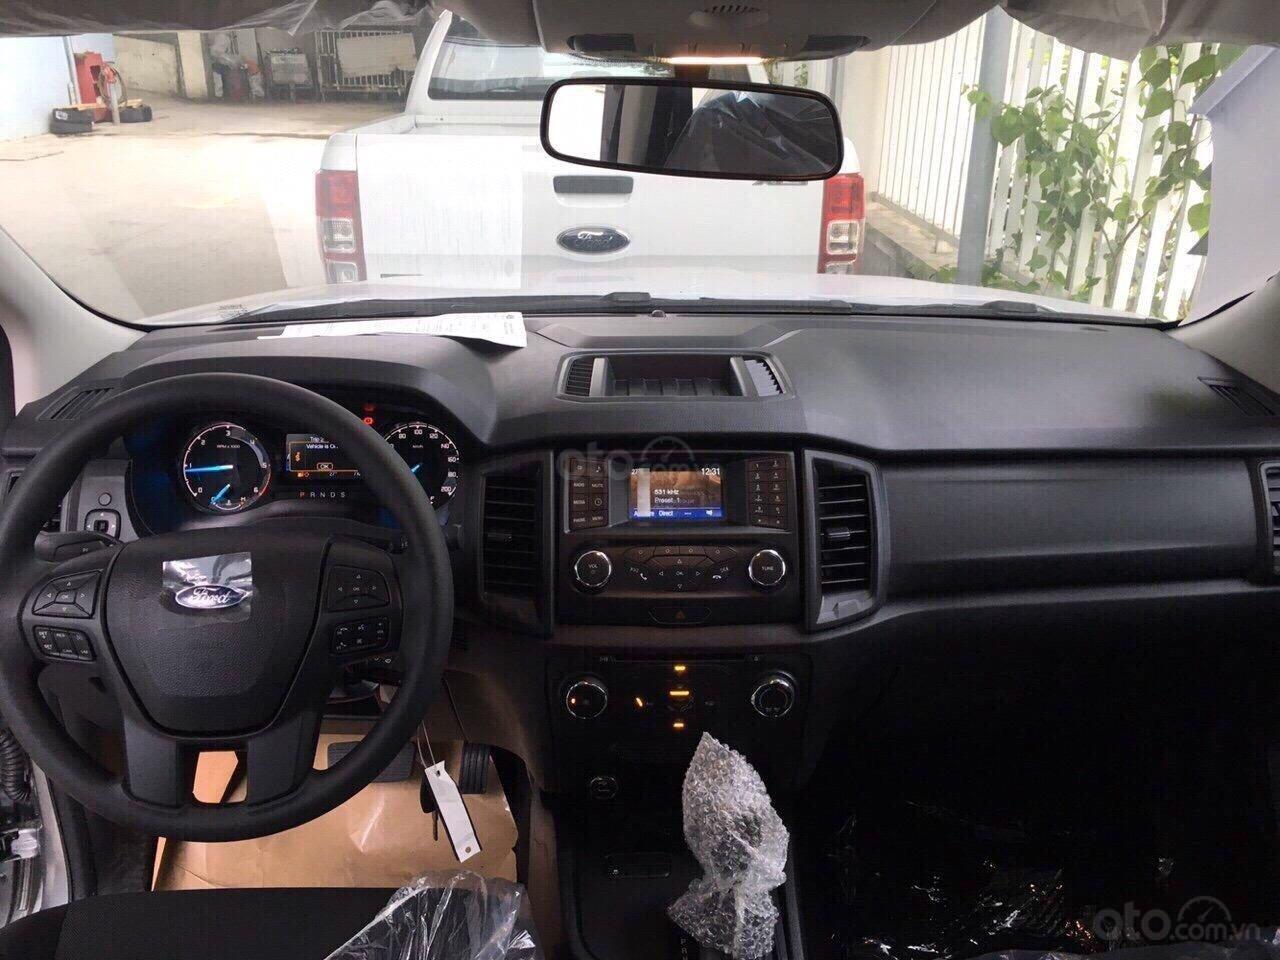 Bán Ford Ranger XLS AT 1 cầu, số tự động xe mới, nhập nguyên chiếc Thái Lan, bao giá toàn quốc LH 0965423558 (17)